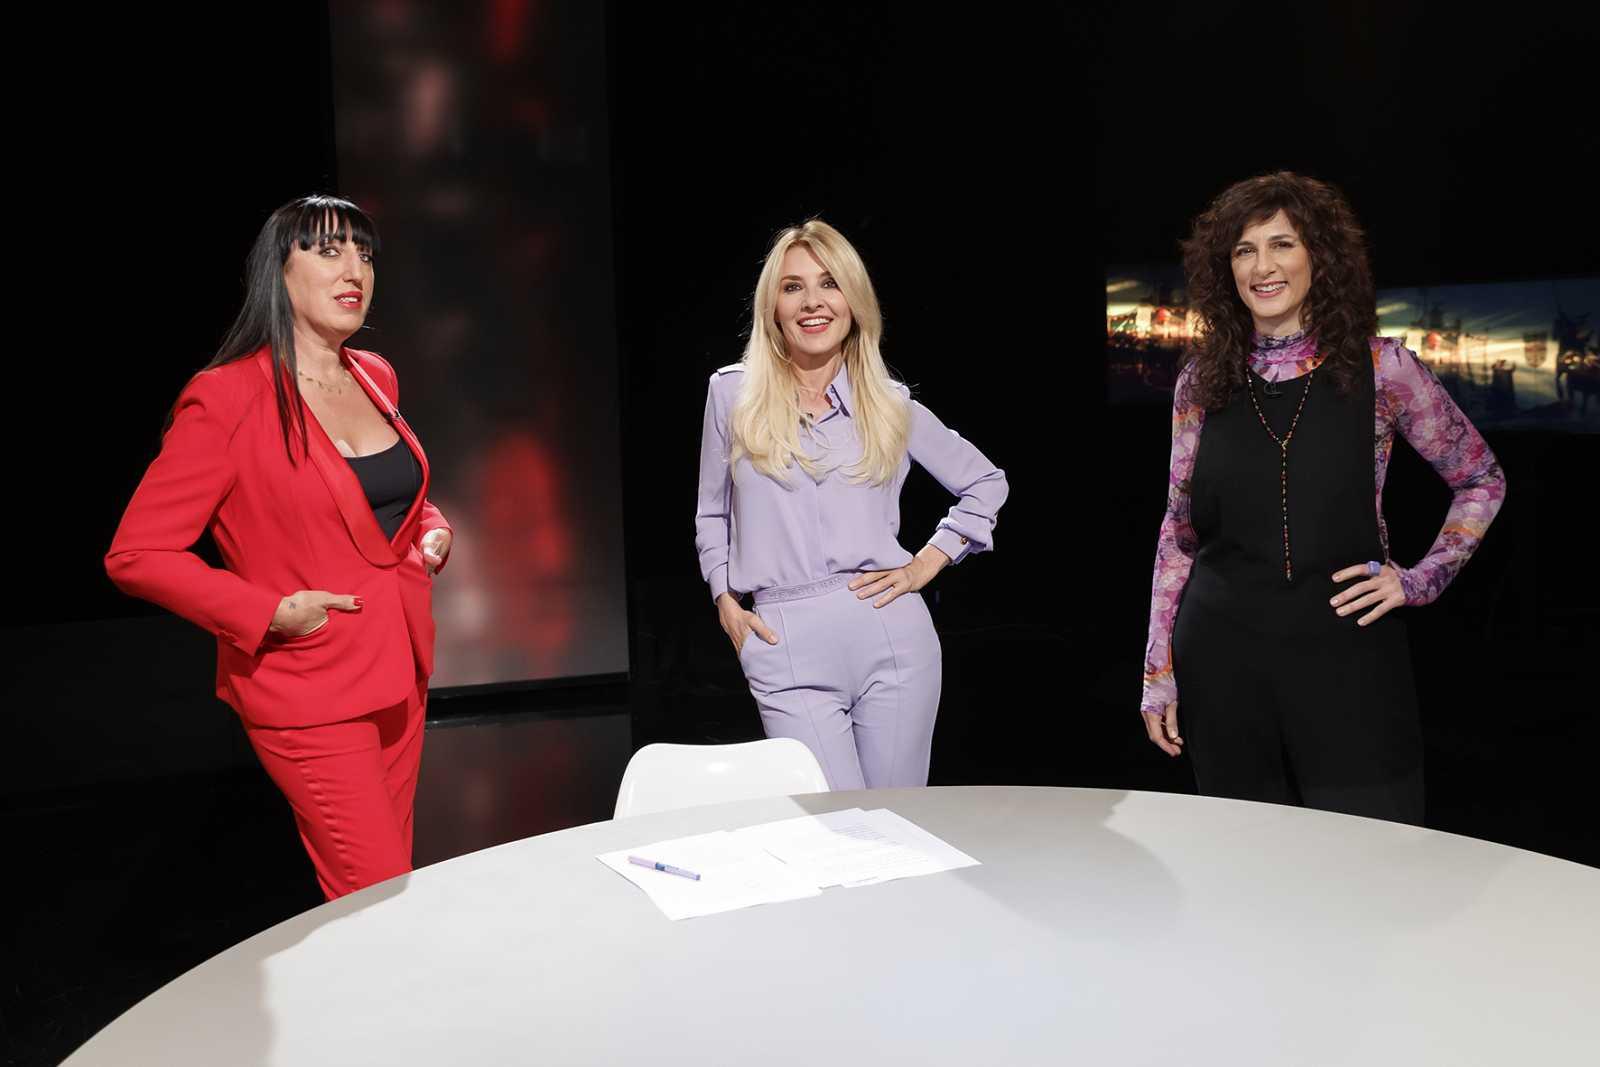 Rossy de Palma y Mariela Besuievski junto a Cayetana Guillén Cuervo, presentadora de 'Versión española'